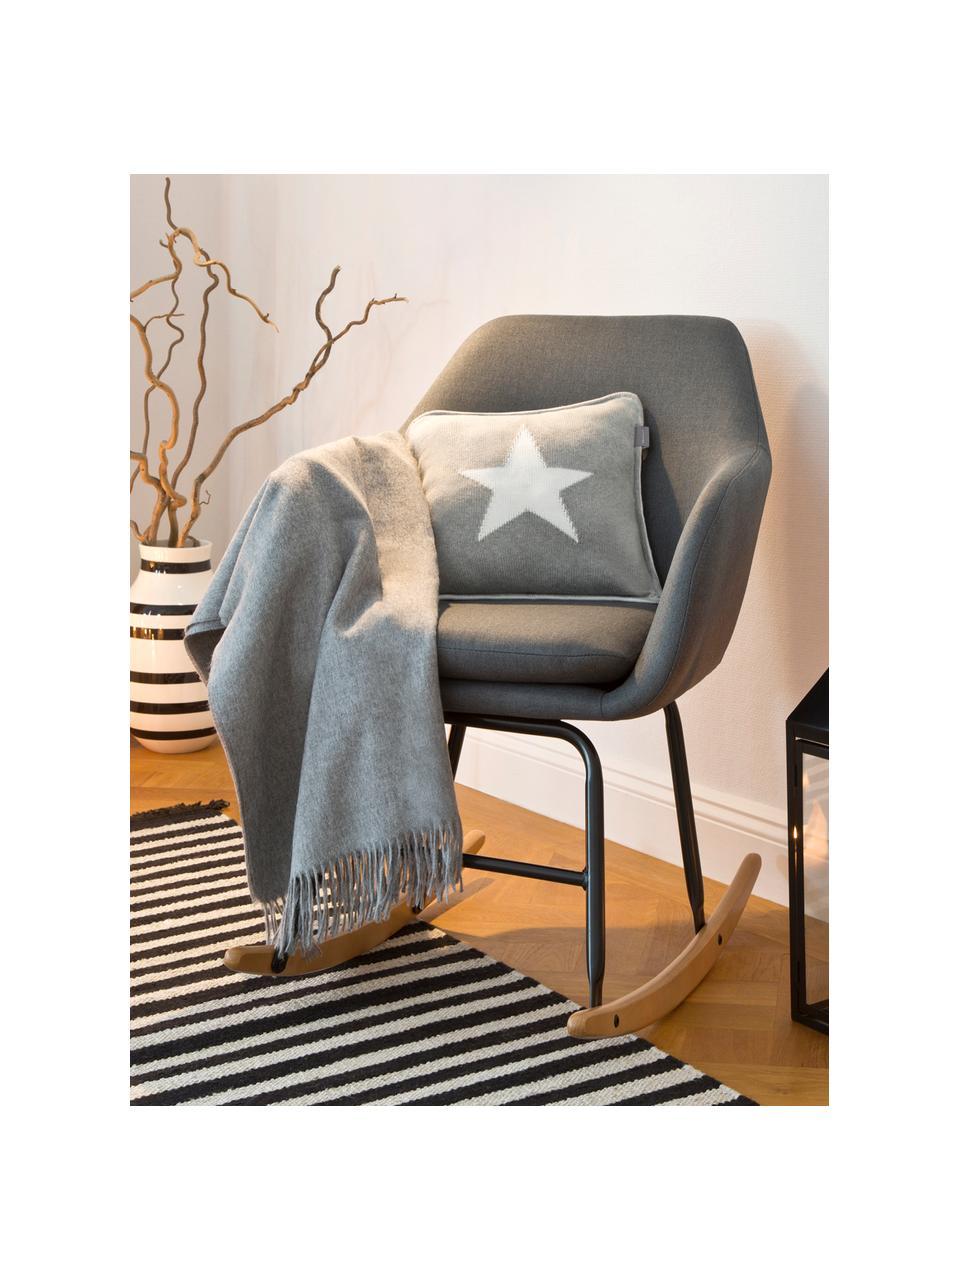 Fotel bujany  Emilia, Tapicerka: 90% poliester, 8% wiskoza, Nogi: metal malowany proszkowo, Ciemnyszary, S 57 x G 69 cm